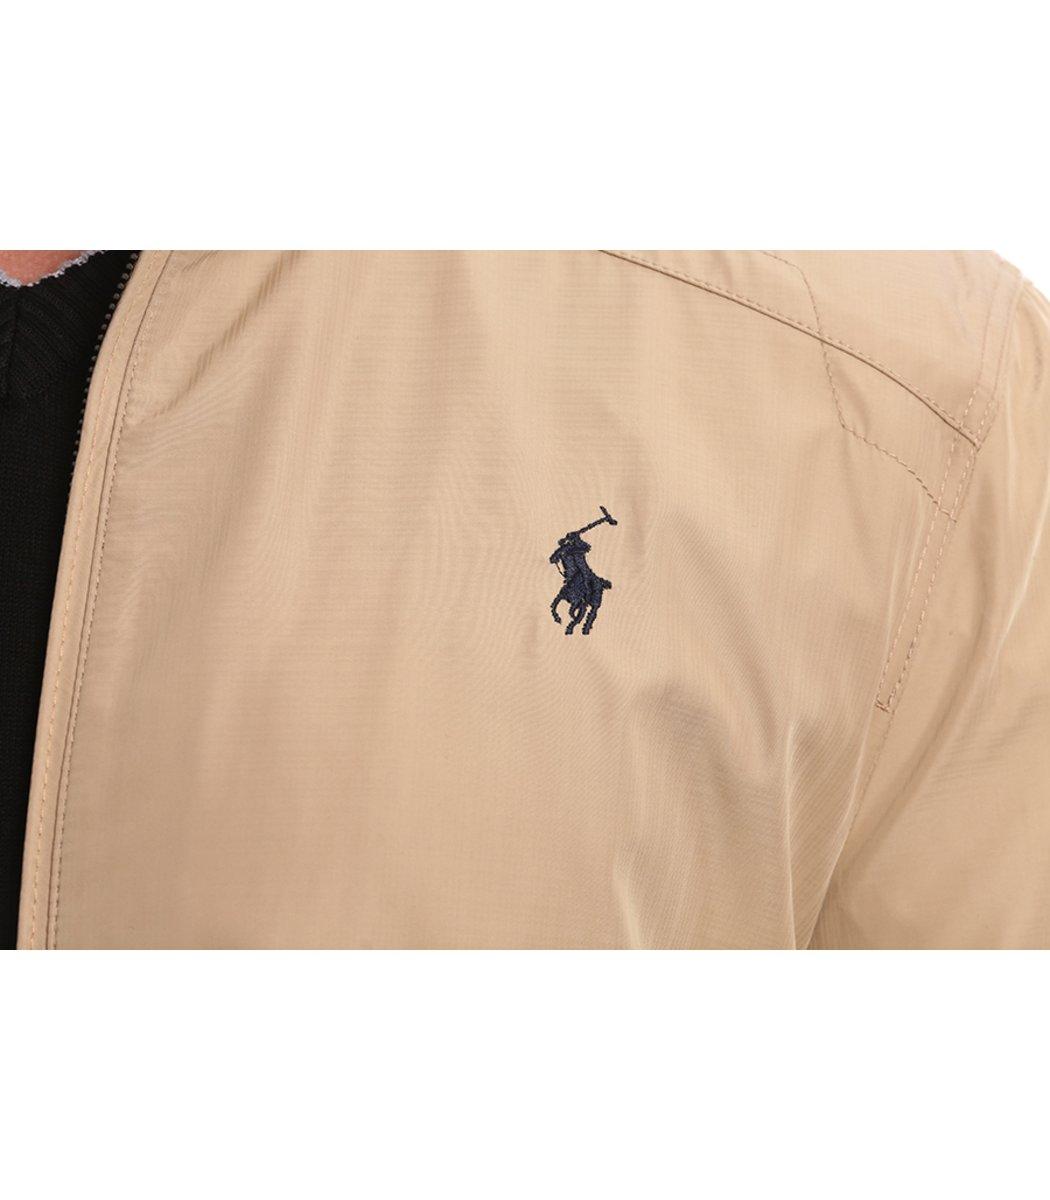 Облегченная классическая куртка POLO Ralph Lauren KR3